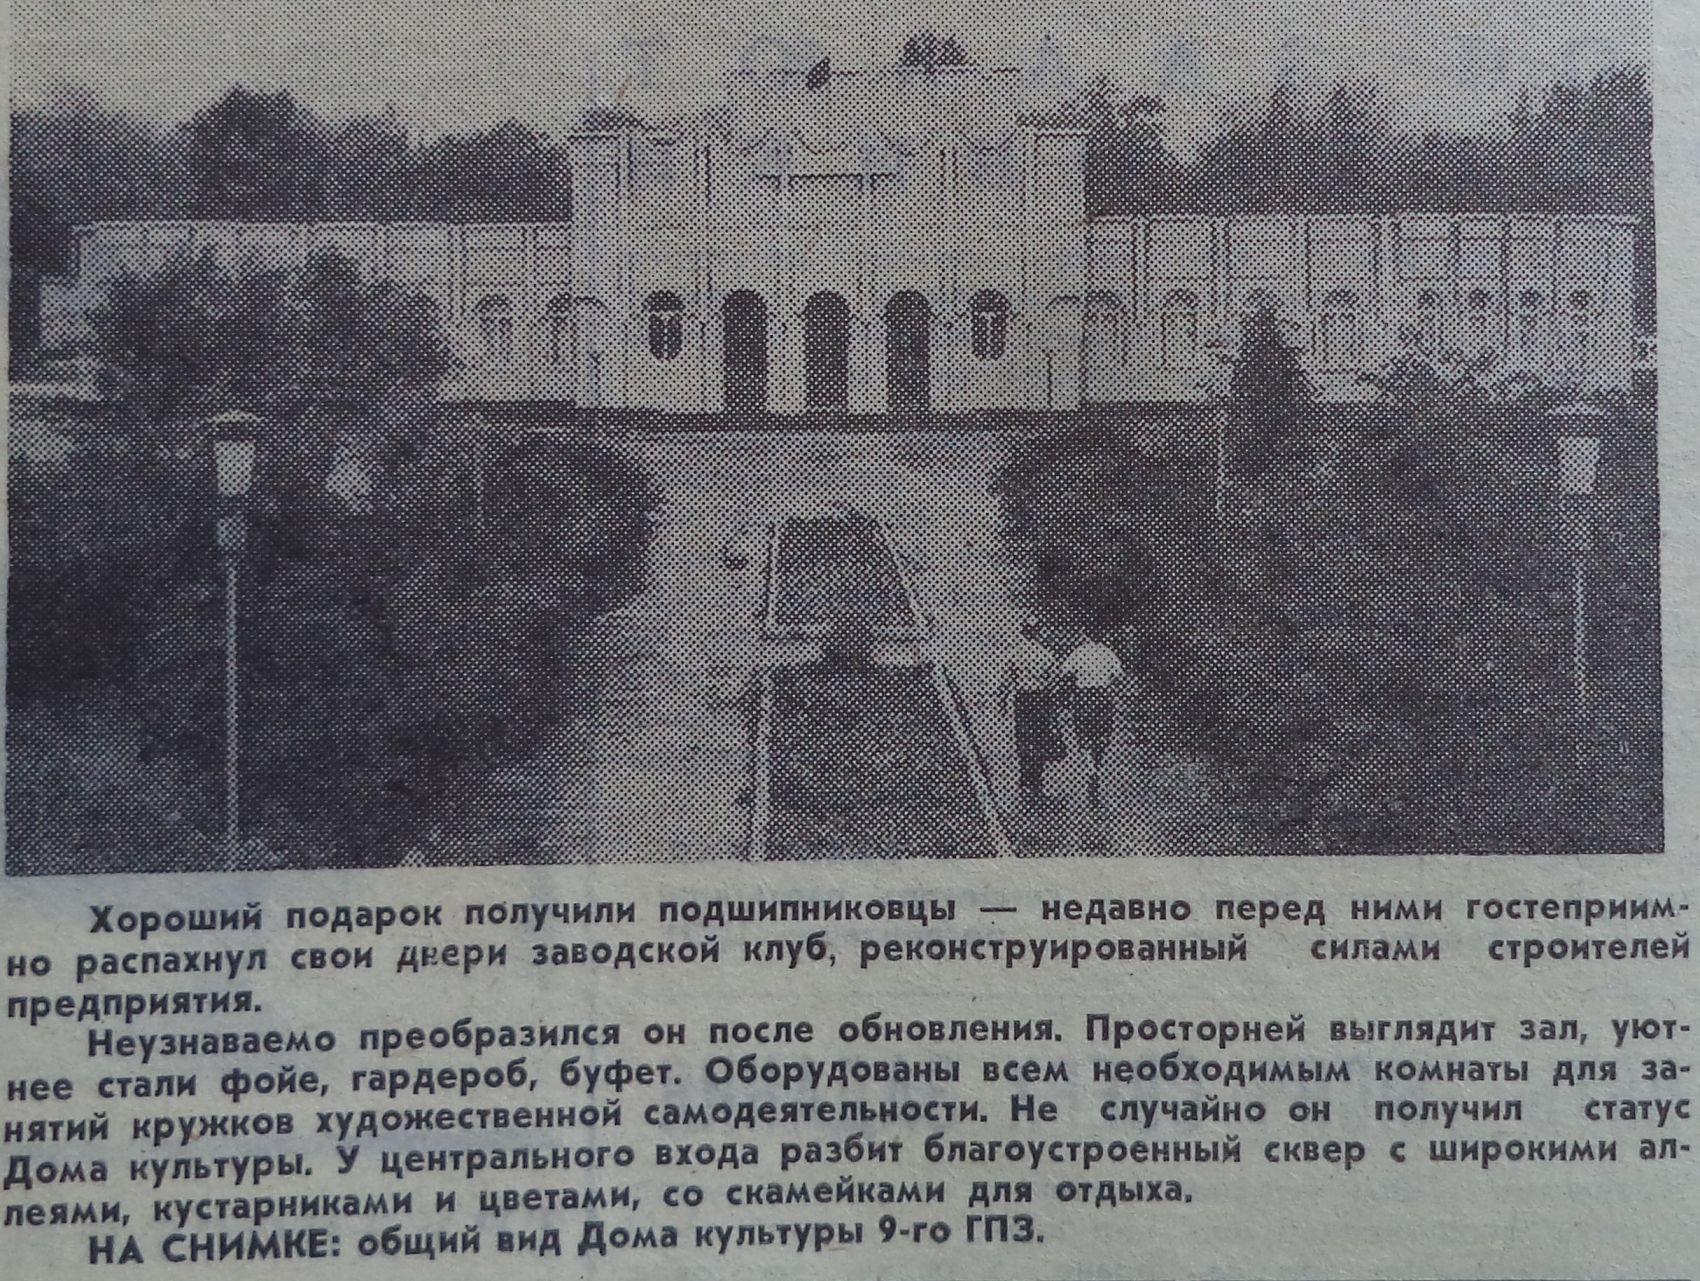 Победы-ФОТО-129-Ленинское Знамя-1985-21 июня